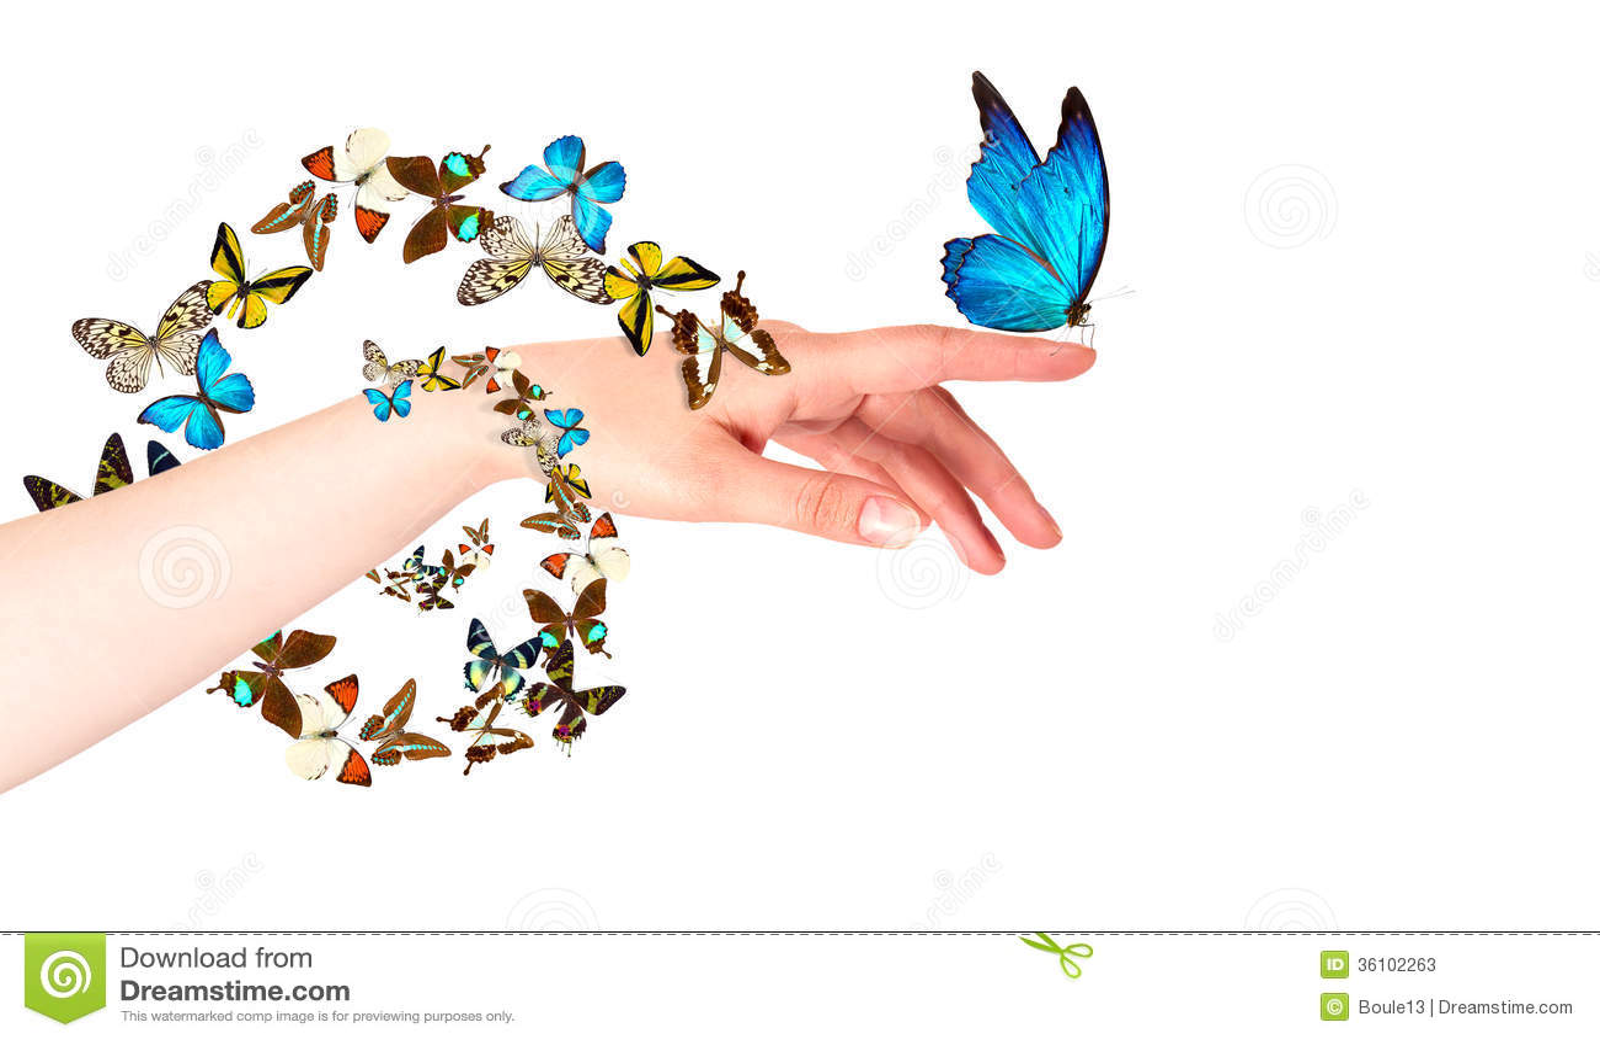 Mariposa Con Brillo Y Movimiento | apexwallpapers.com